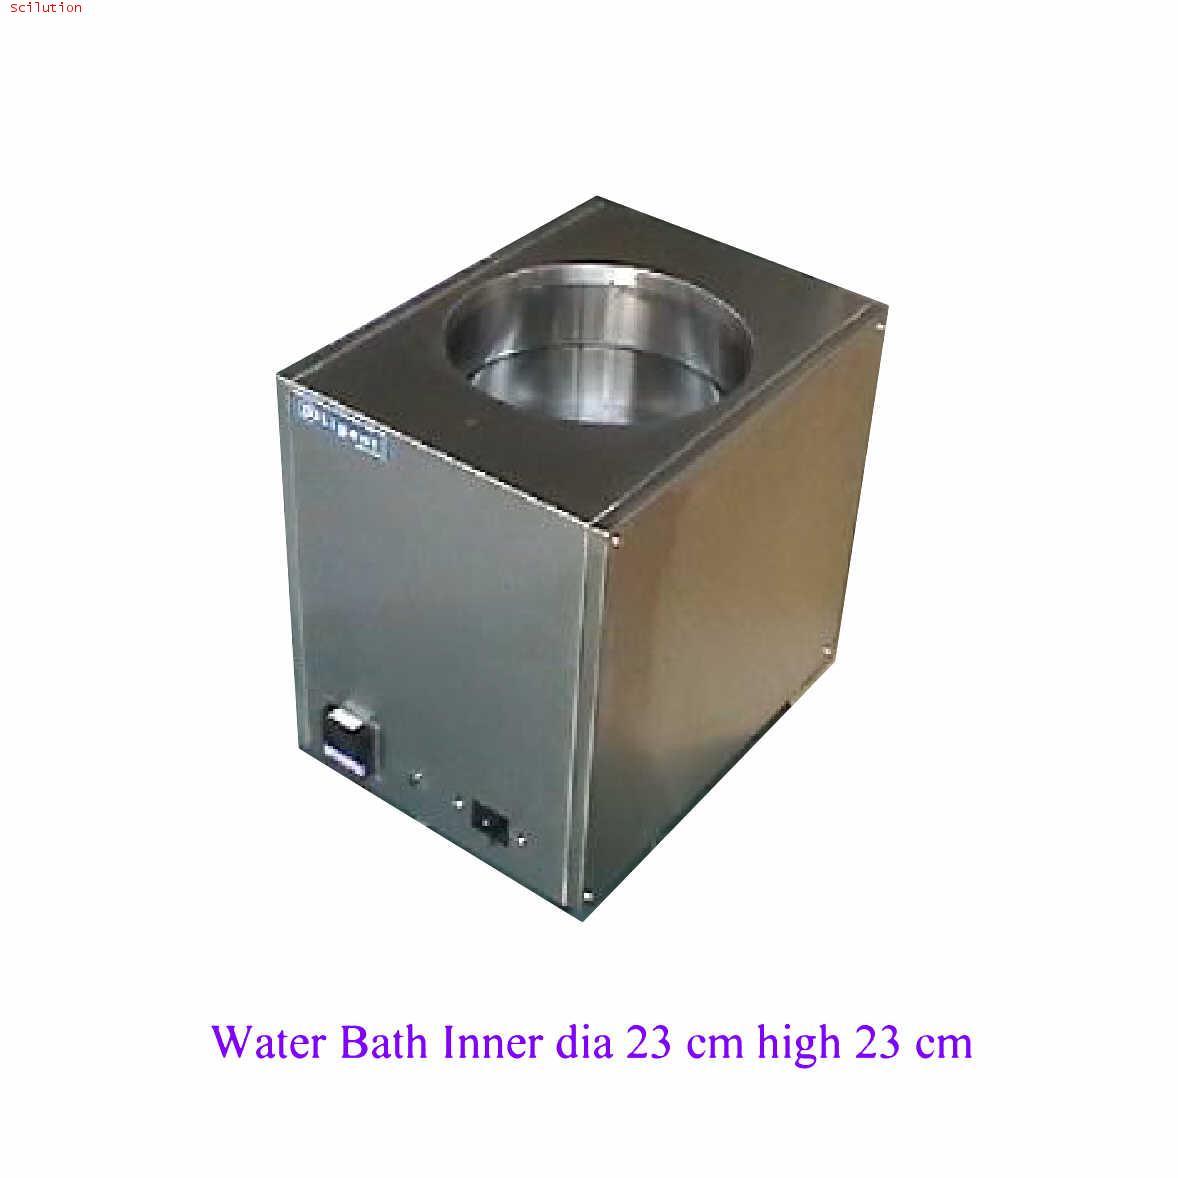 อ่างน้ำควบคุมอุณหภูมิ อ่างน้ำร้อน  Water Bath